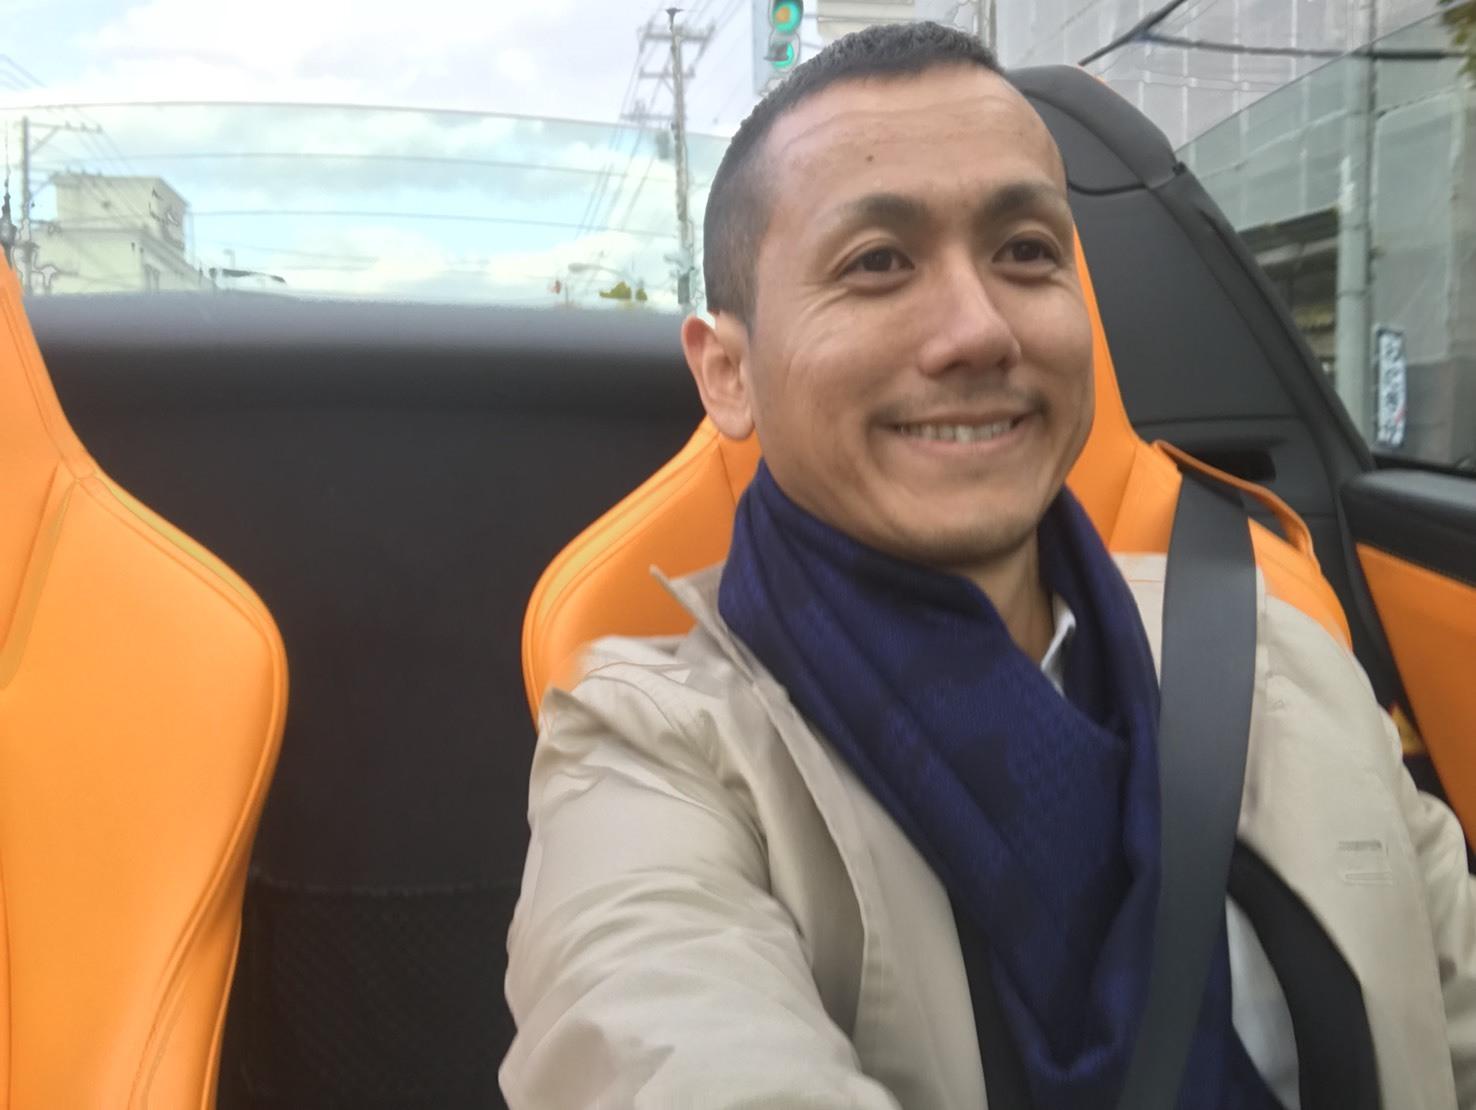 10月31日 ひとログTueヽ( 'ω' )ノ マクラーレン・GTR?!スーパーカーがTOMMYにやってきた!_b0127002_17353100.jpg